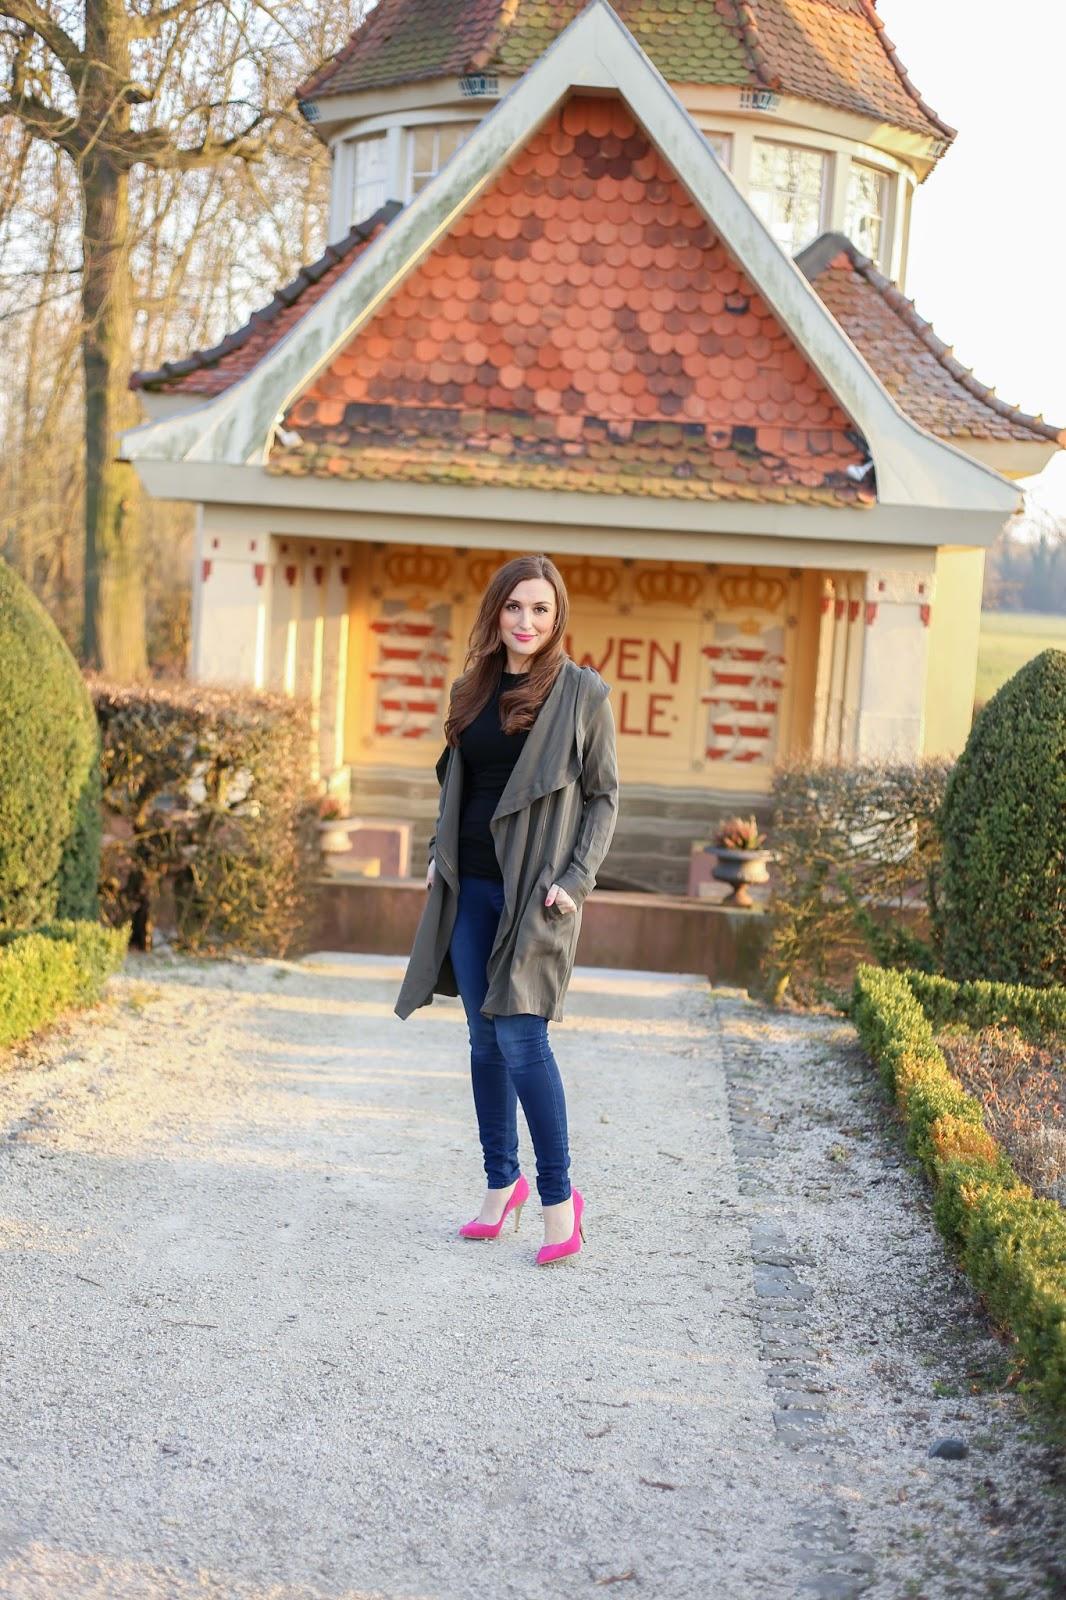 Fashionstylebyjohanna-Fashionblogger aus Deutschland- Deutsche ´Fashionblogger -